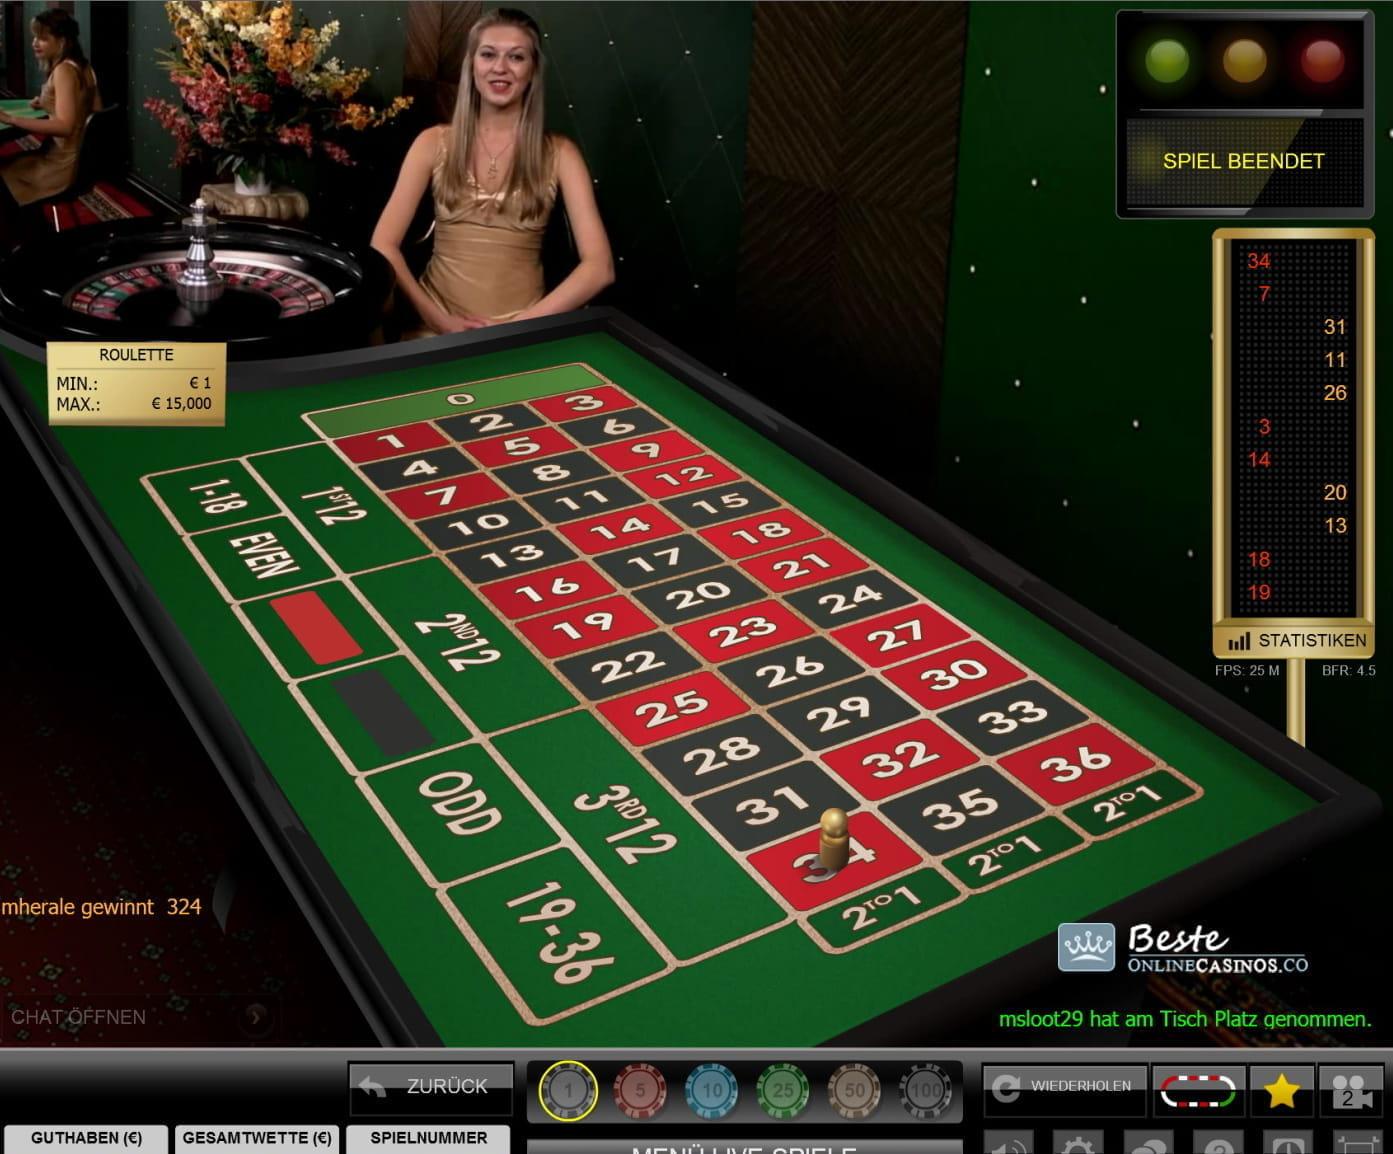 Tischspiele online Casino 186470